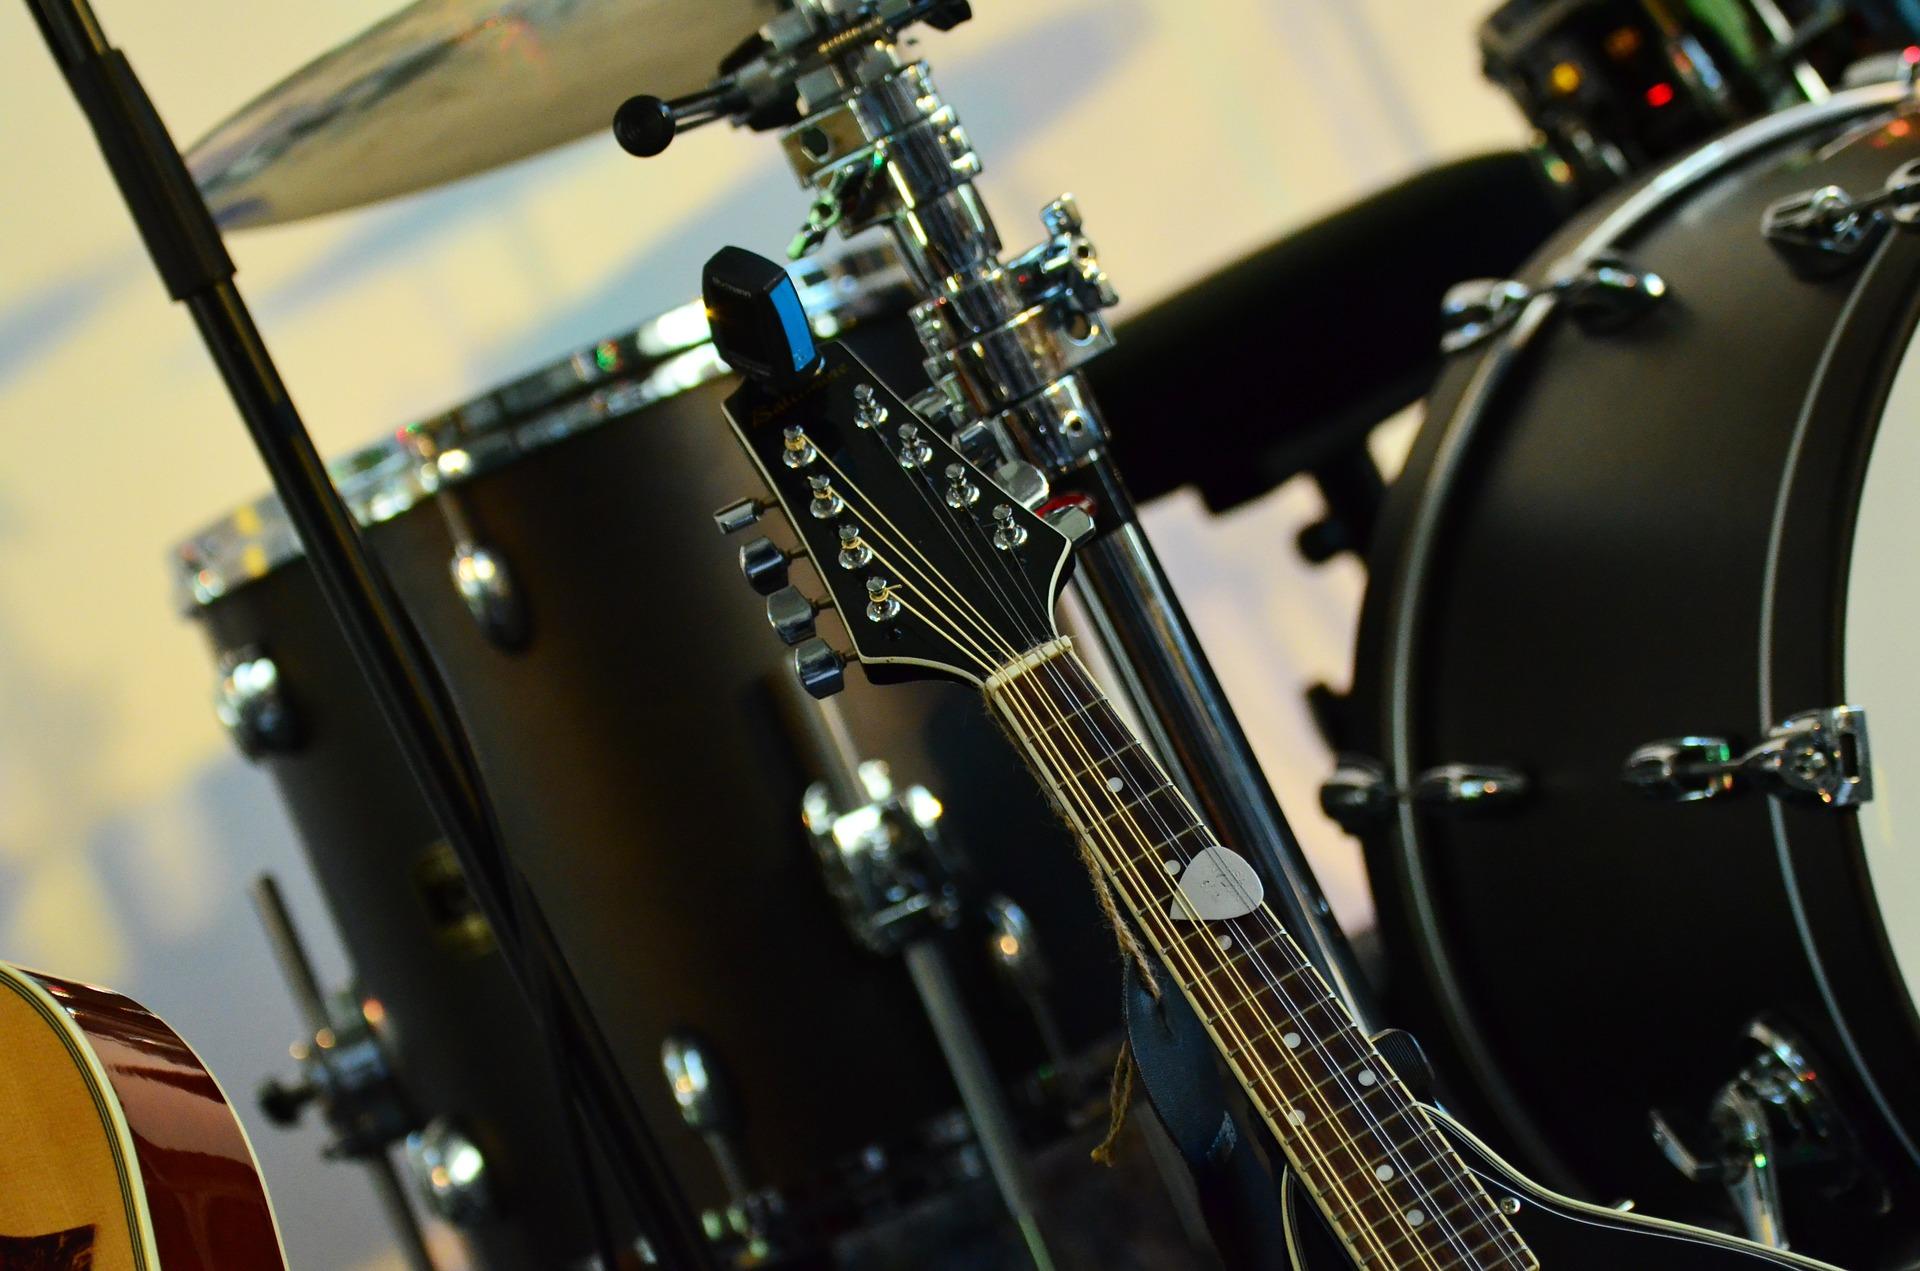 instrumentos-muscais-diversos